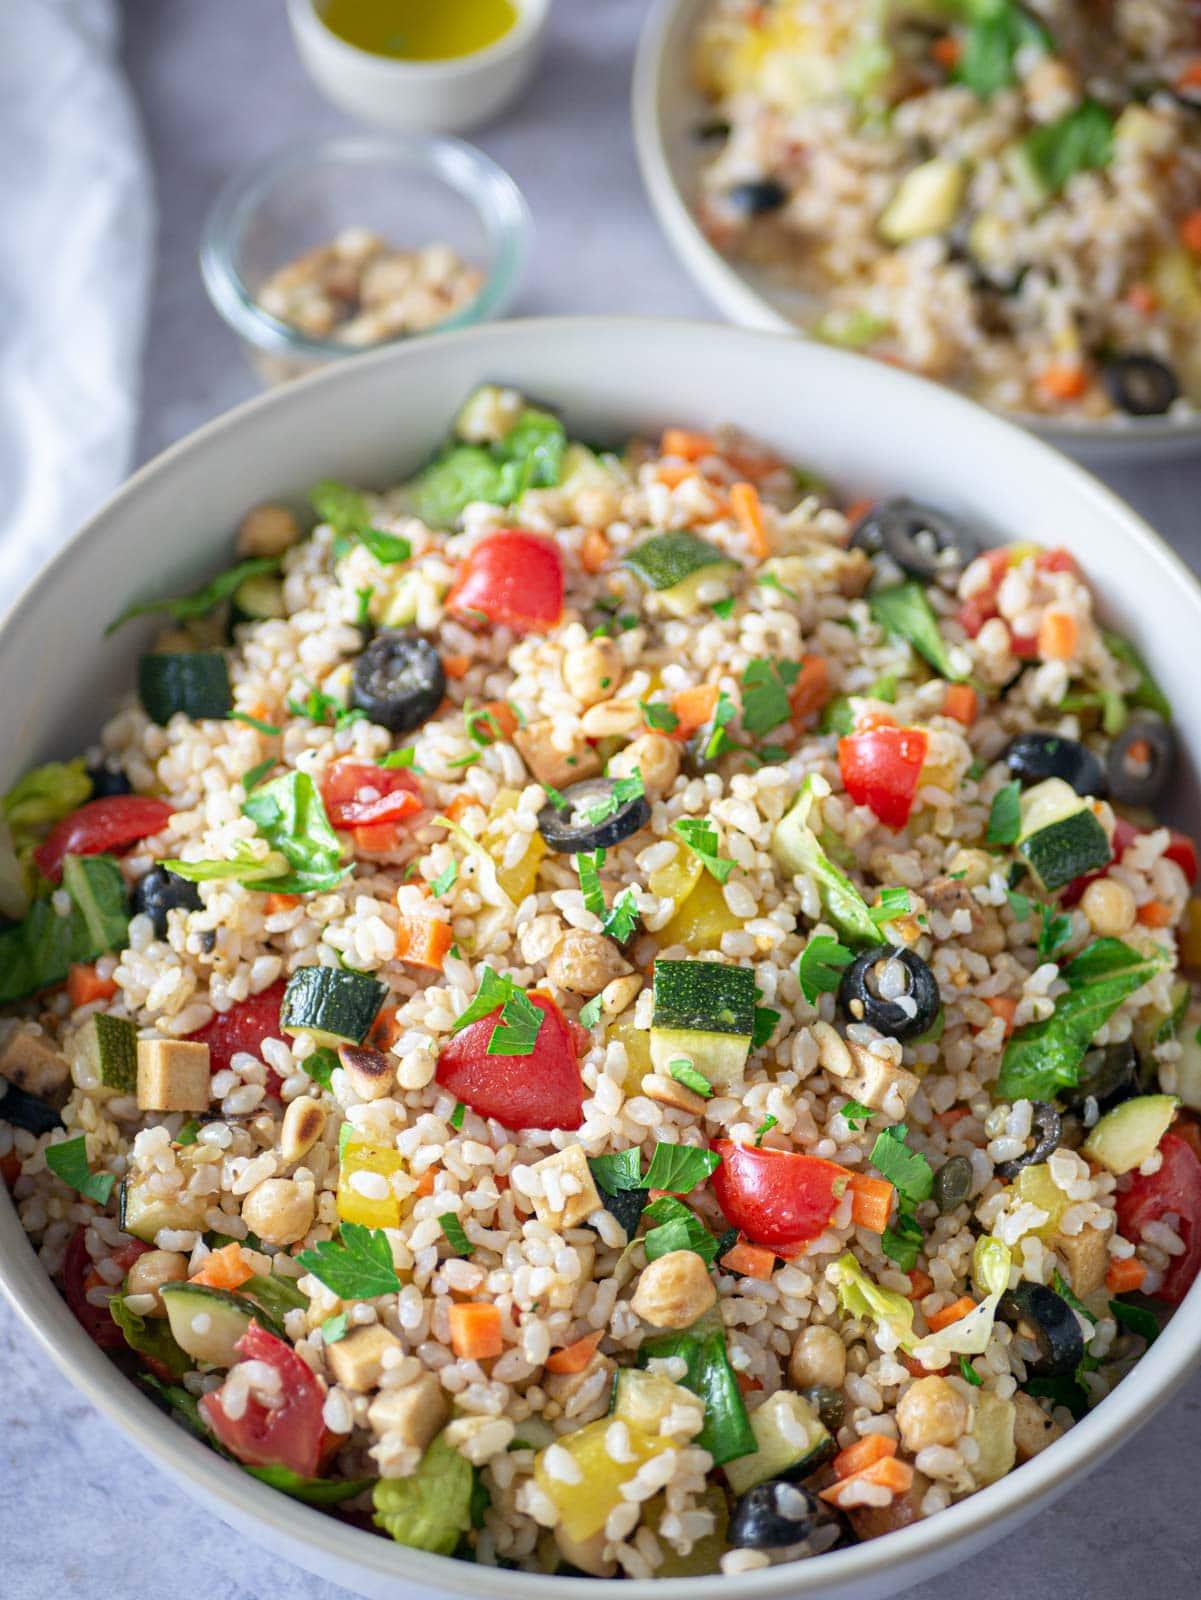 I colori dell'insalata di riso vegana all'Italiana